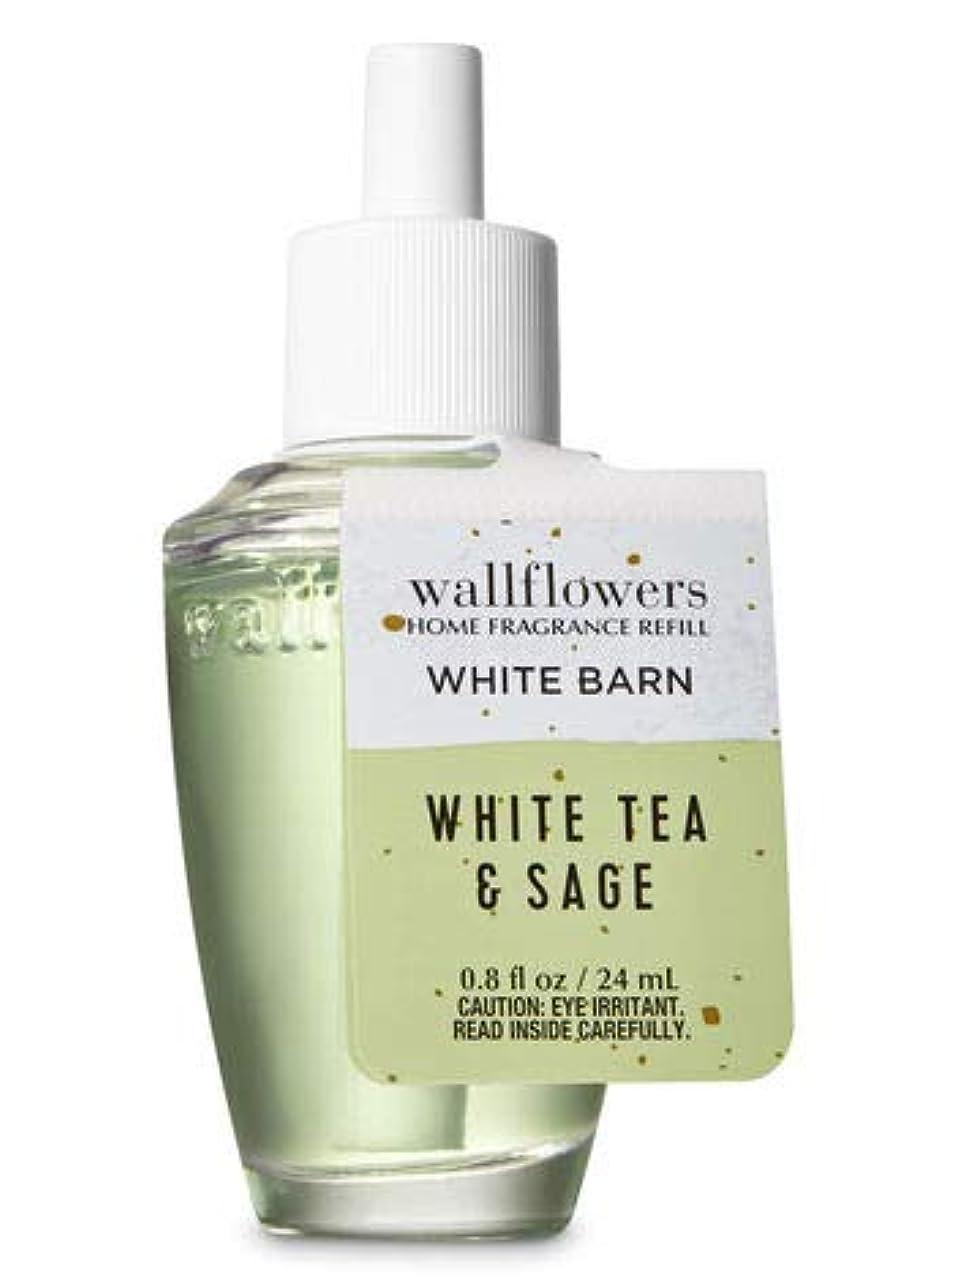 中古扱うプレーヤー【Bath&Body Works/バス&ボディワークス】 ルームフレグランス 詰替えリフィル ホワイトティー&セージ Wallflowers Home Fragrance Refill White Tea & Sage [並行輸入品]